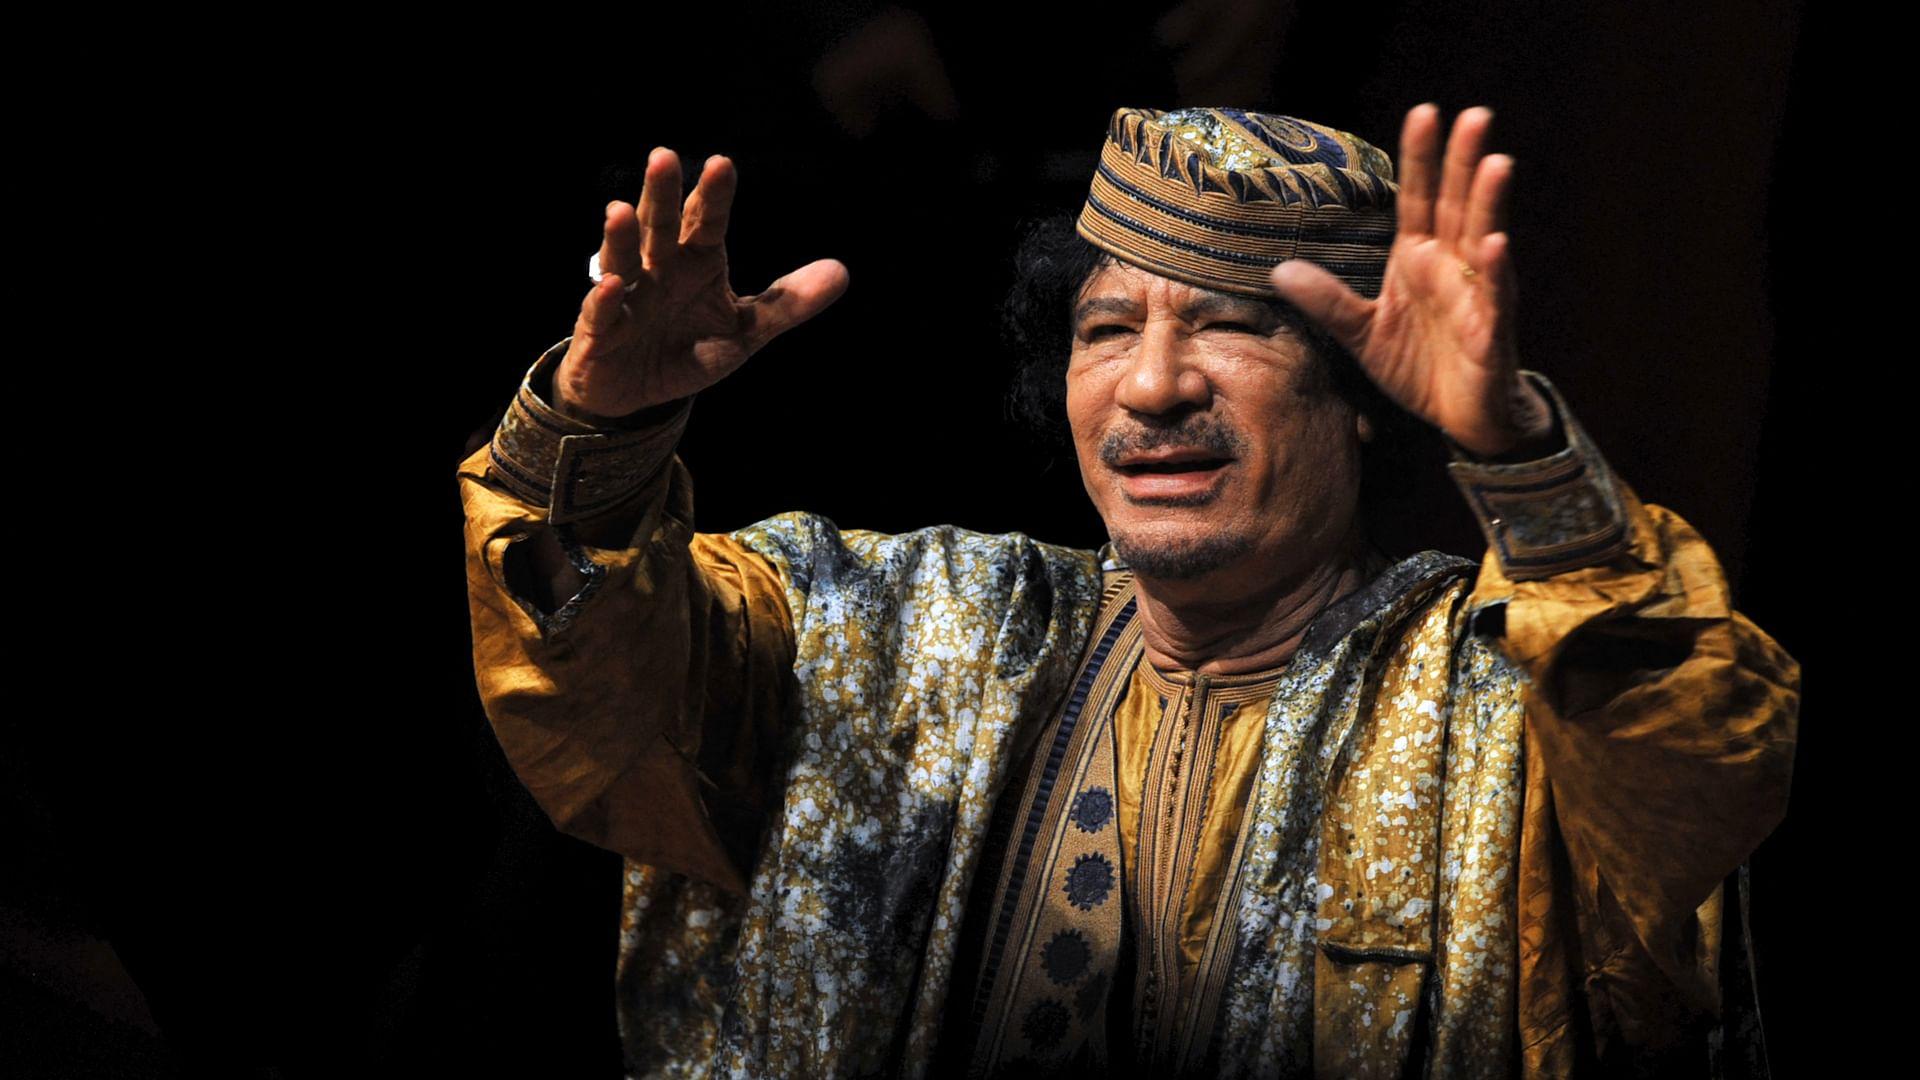 Libye : le chaos de l'après-Kadhafi